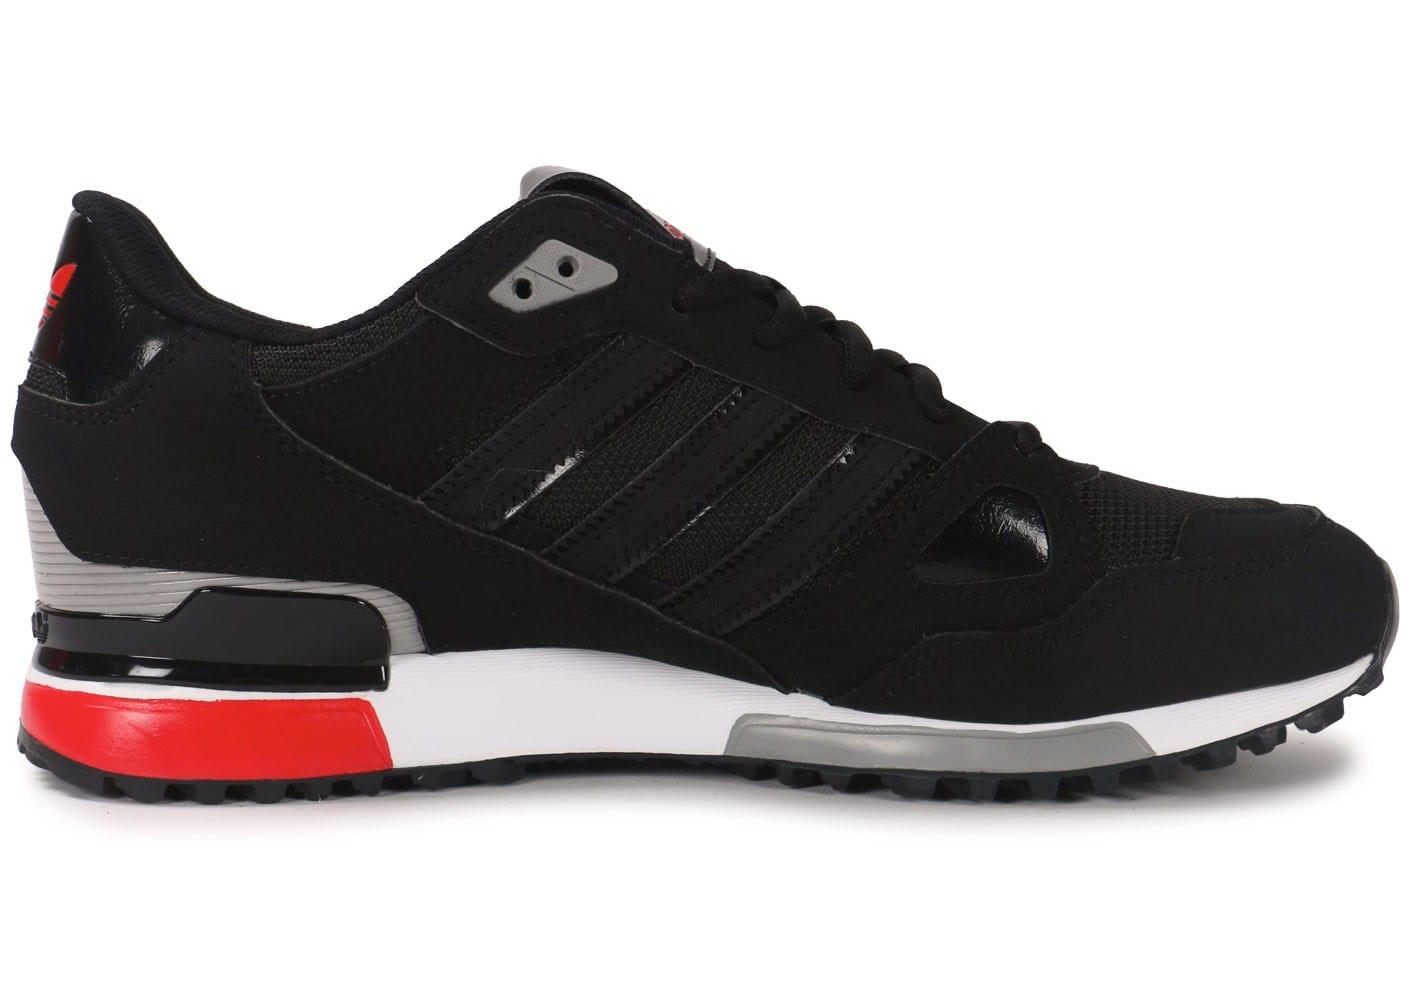 Vente de adidas zx 750 noir et rouge Soldes